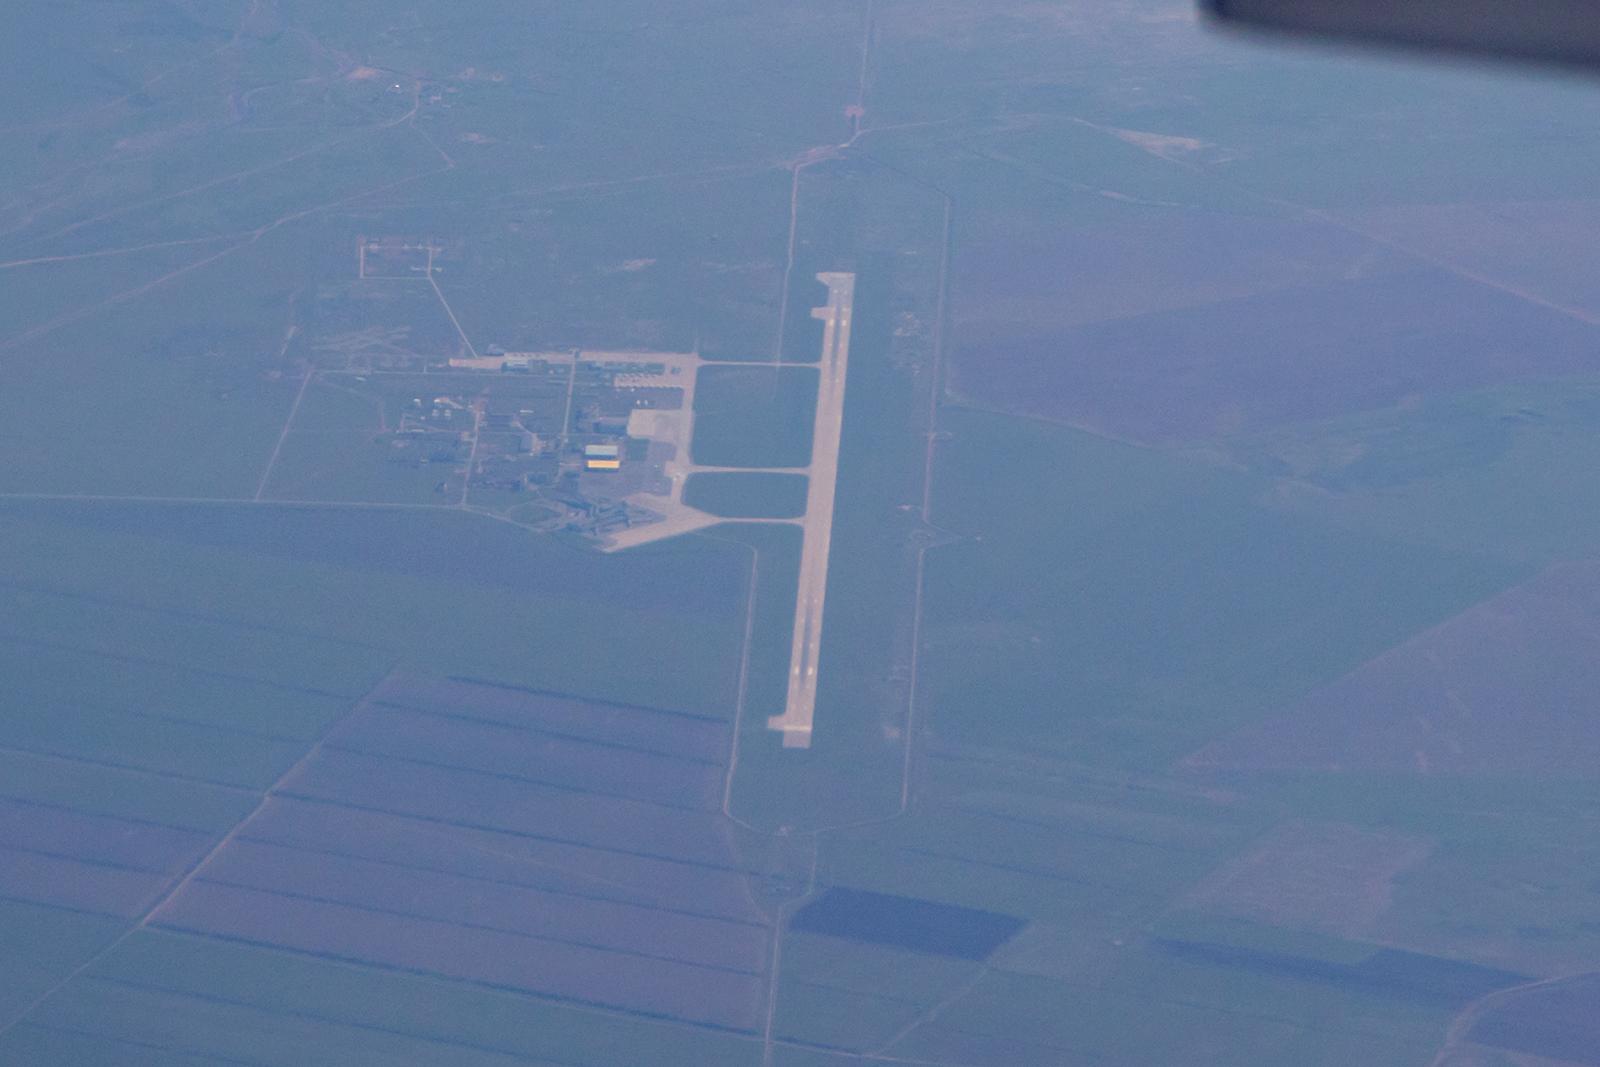 Überflug über den Flughafen von Karaganda, die Punkte auf den hinteren Rampen sind die MiG-31 der kasachischen Luftwaffe.